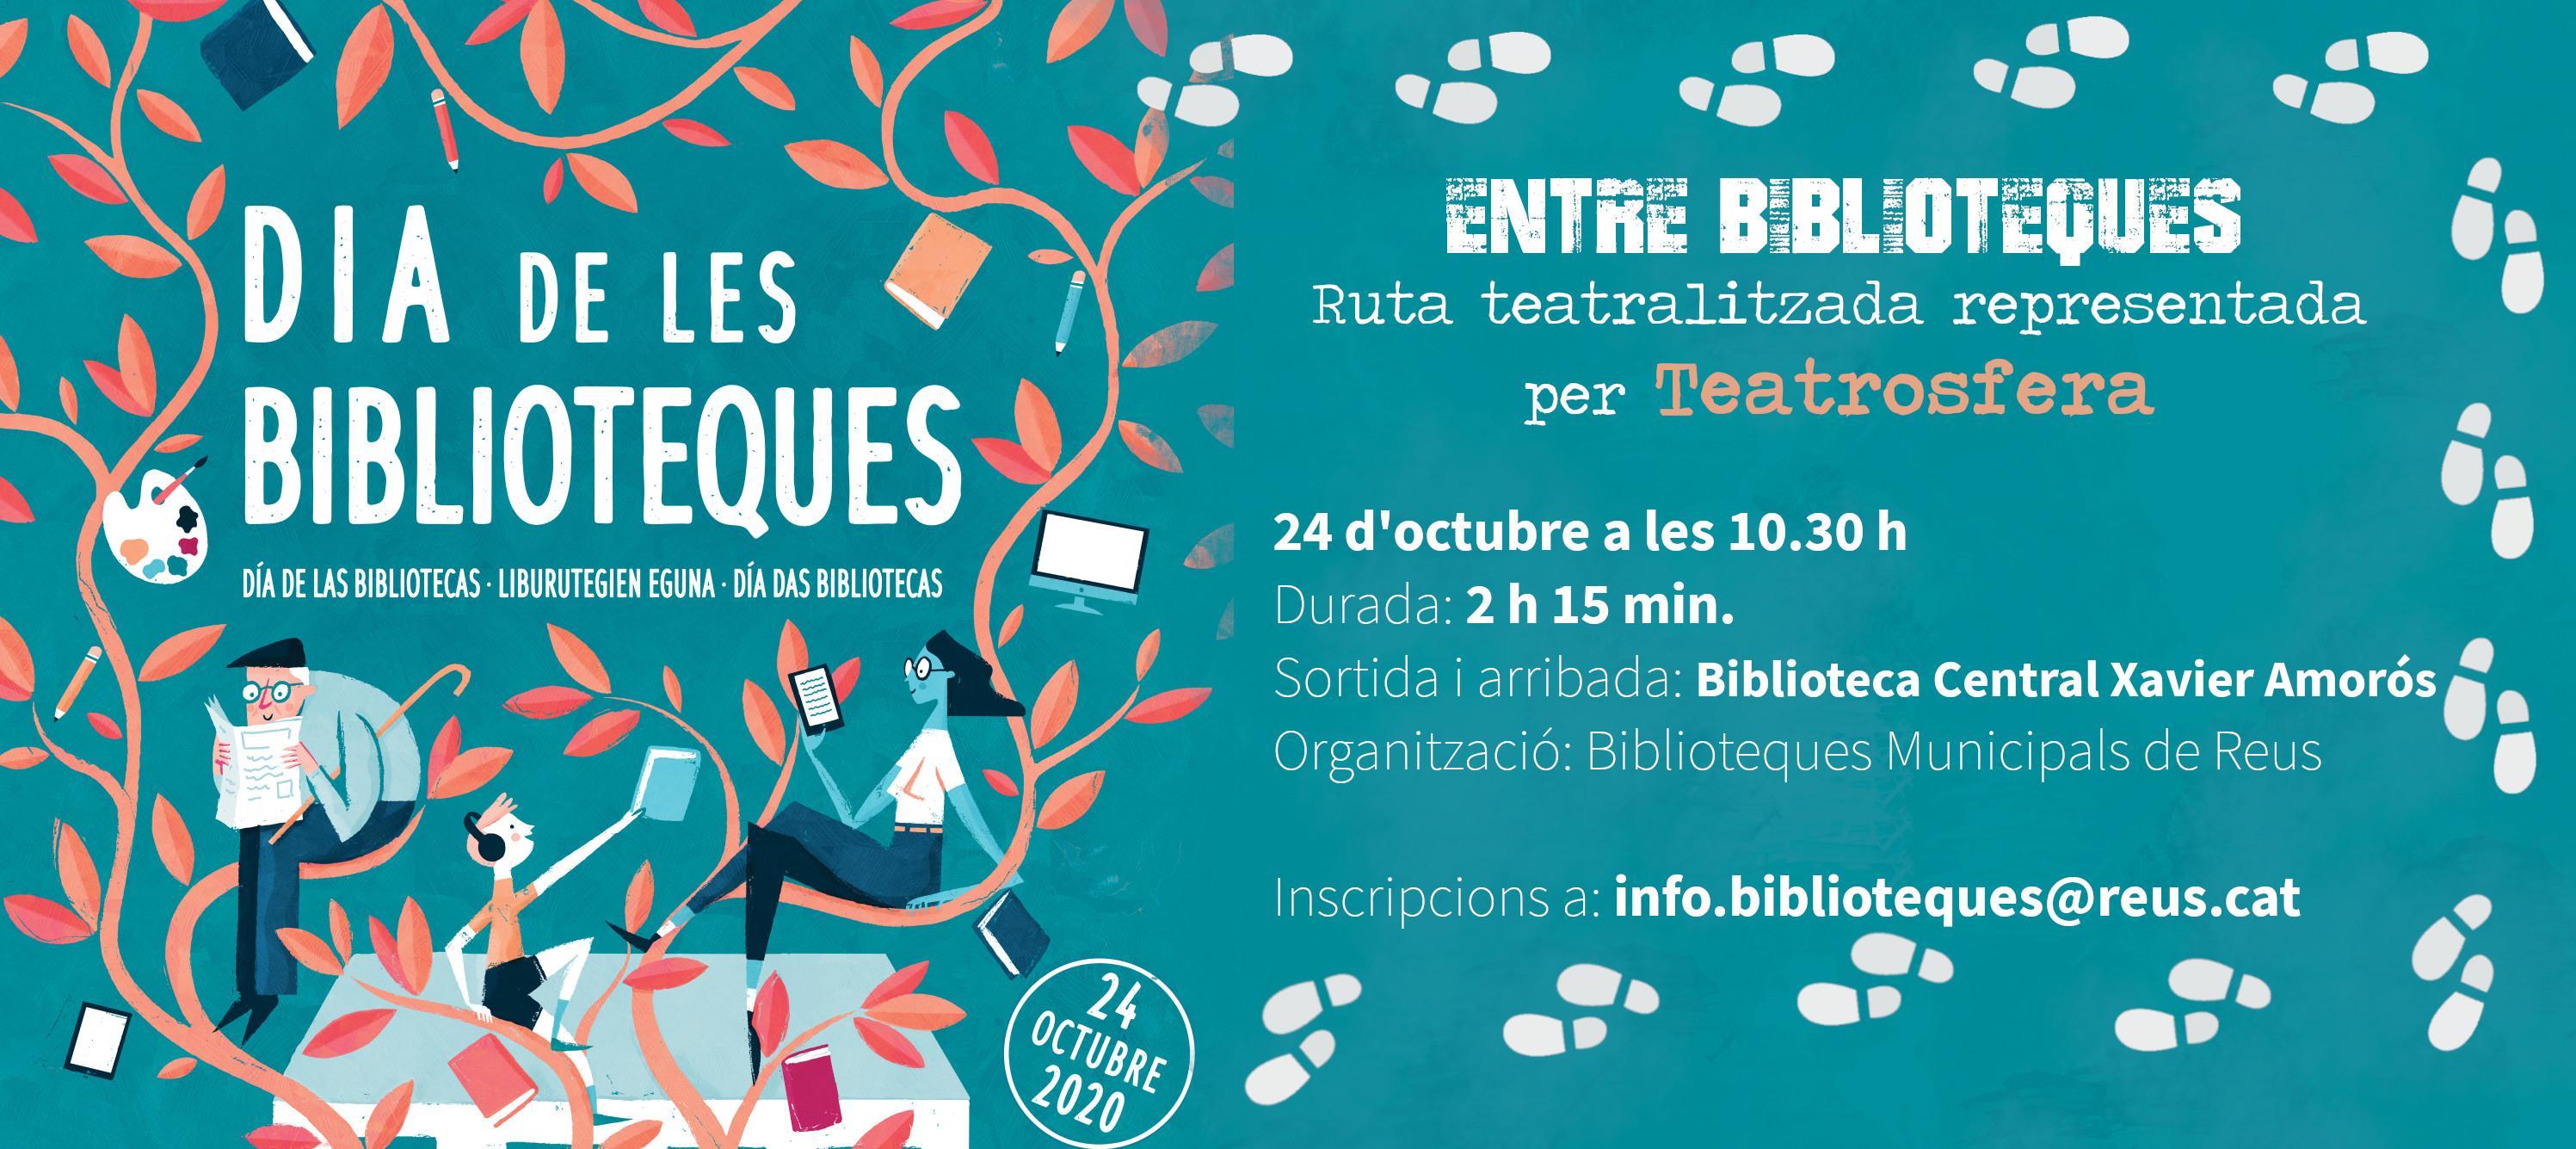 Biblioteca Central Xavier Amorós: Celebració del dia de la Biblioteca PúblicaE